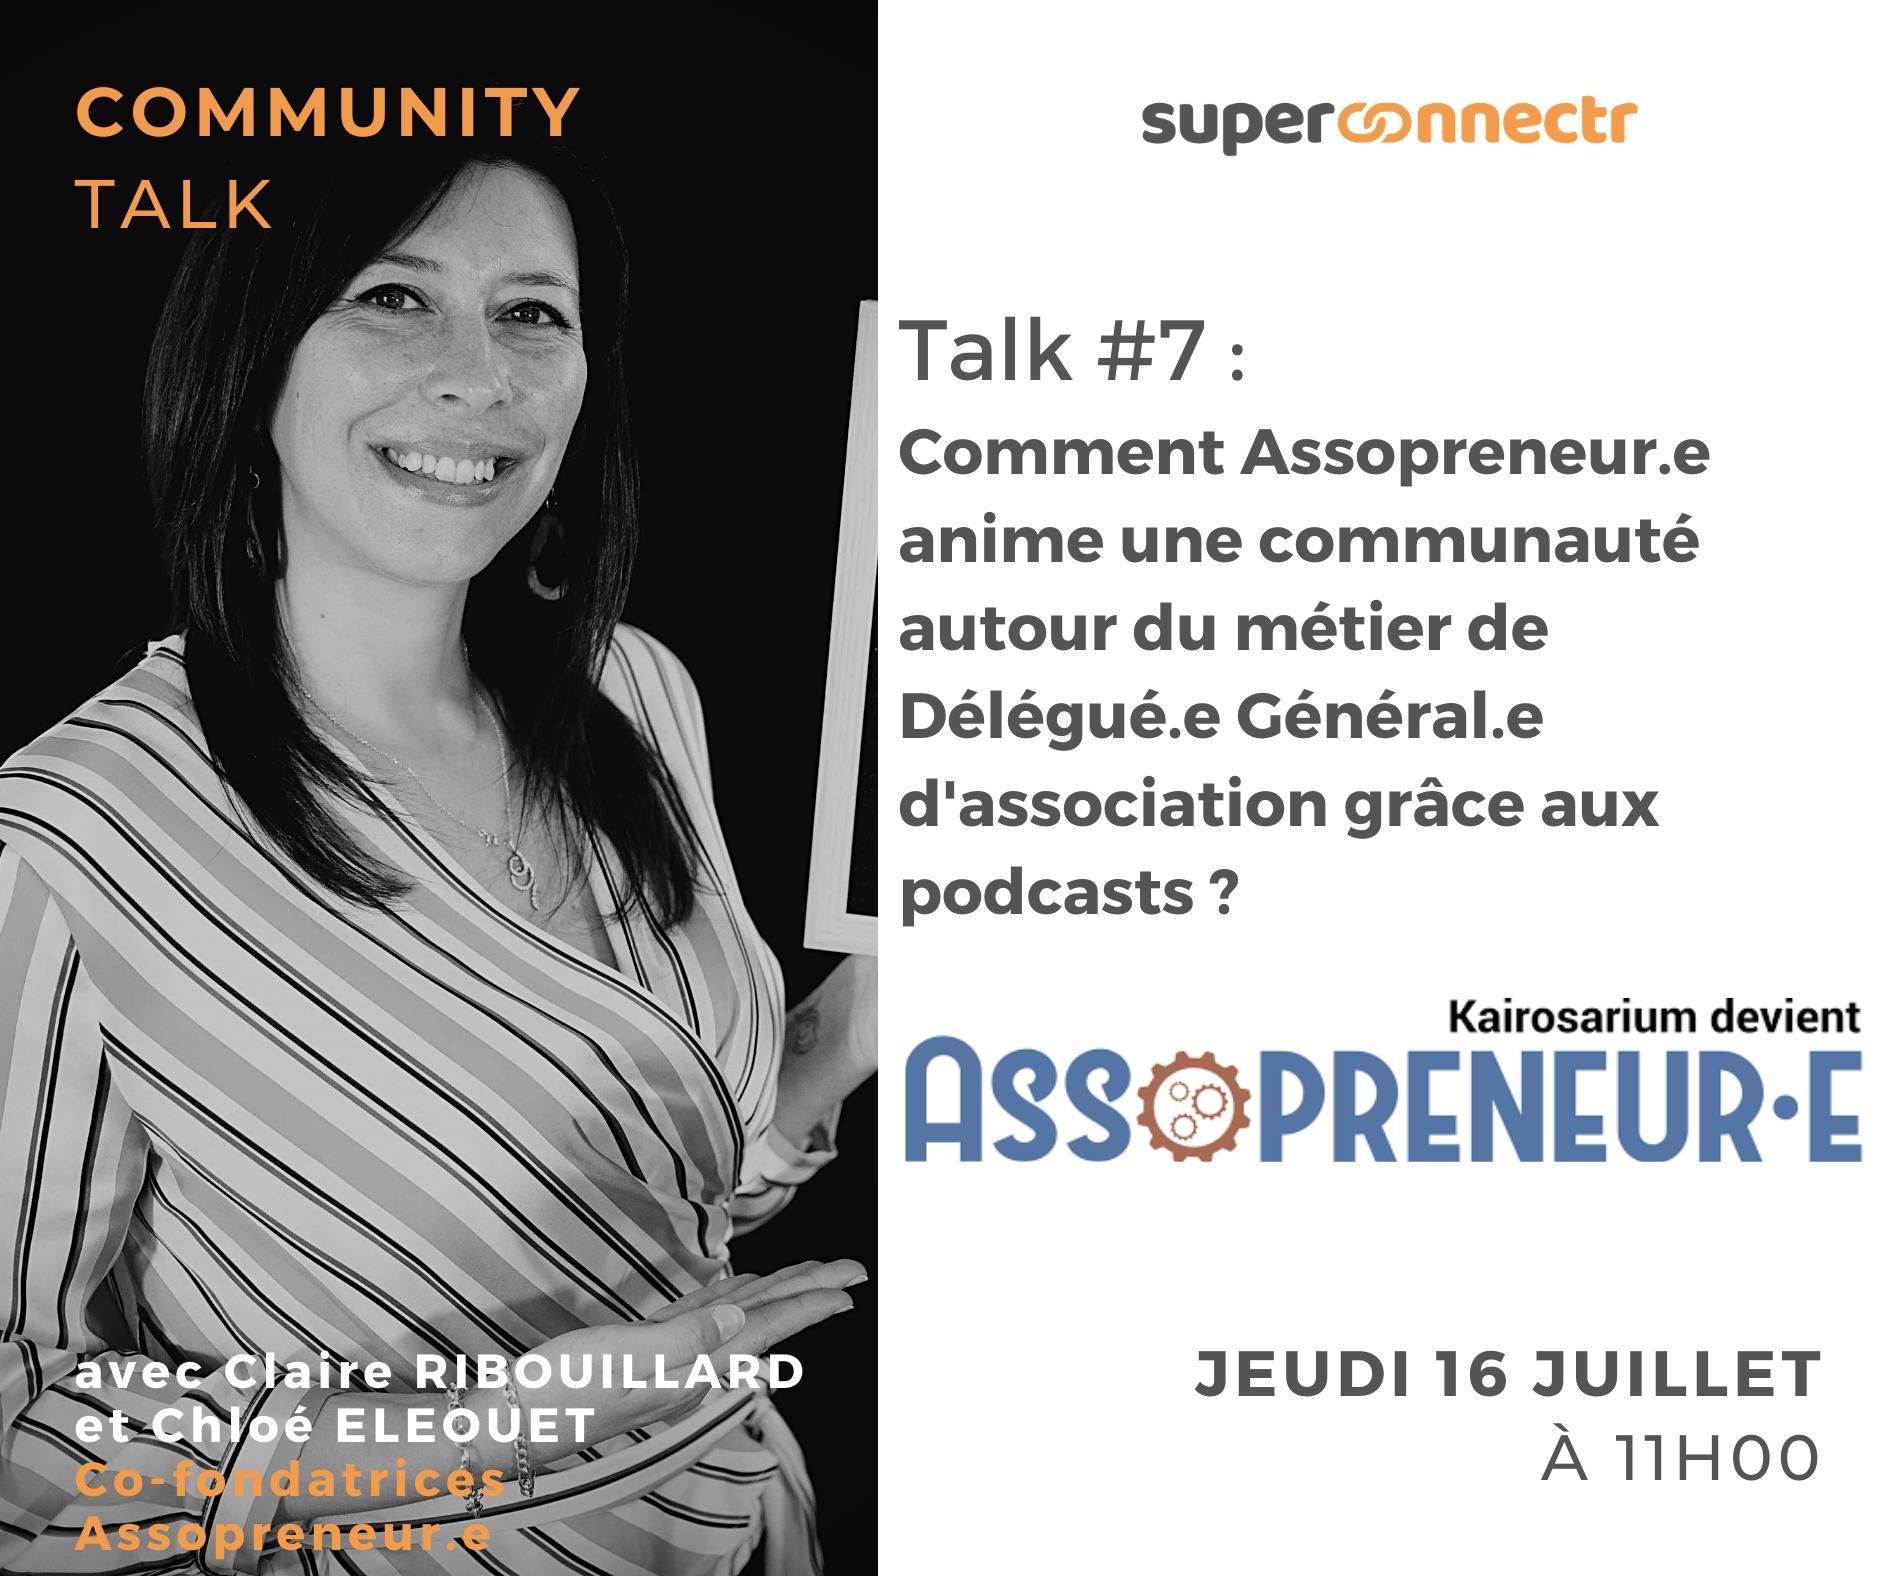 Community Talks by SuperConnectr - A la rencontre de la communauté Assopreneur.e - Kairosarium